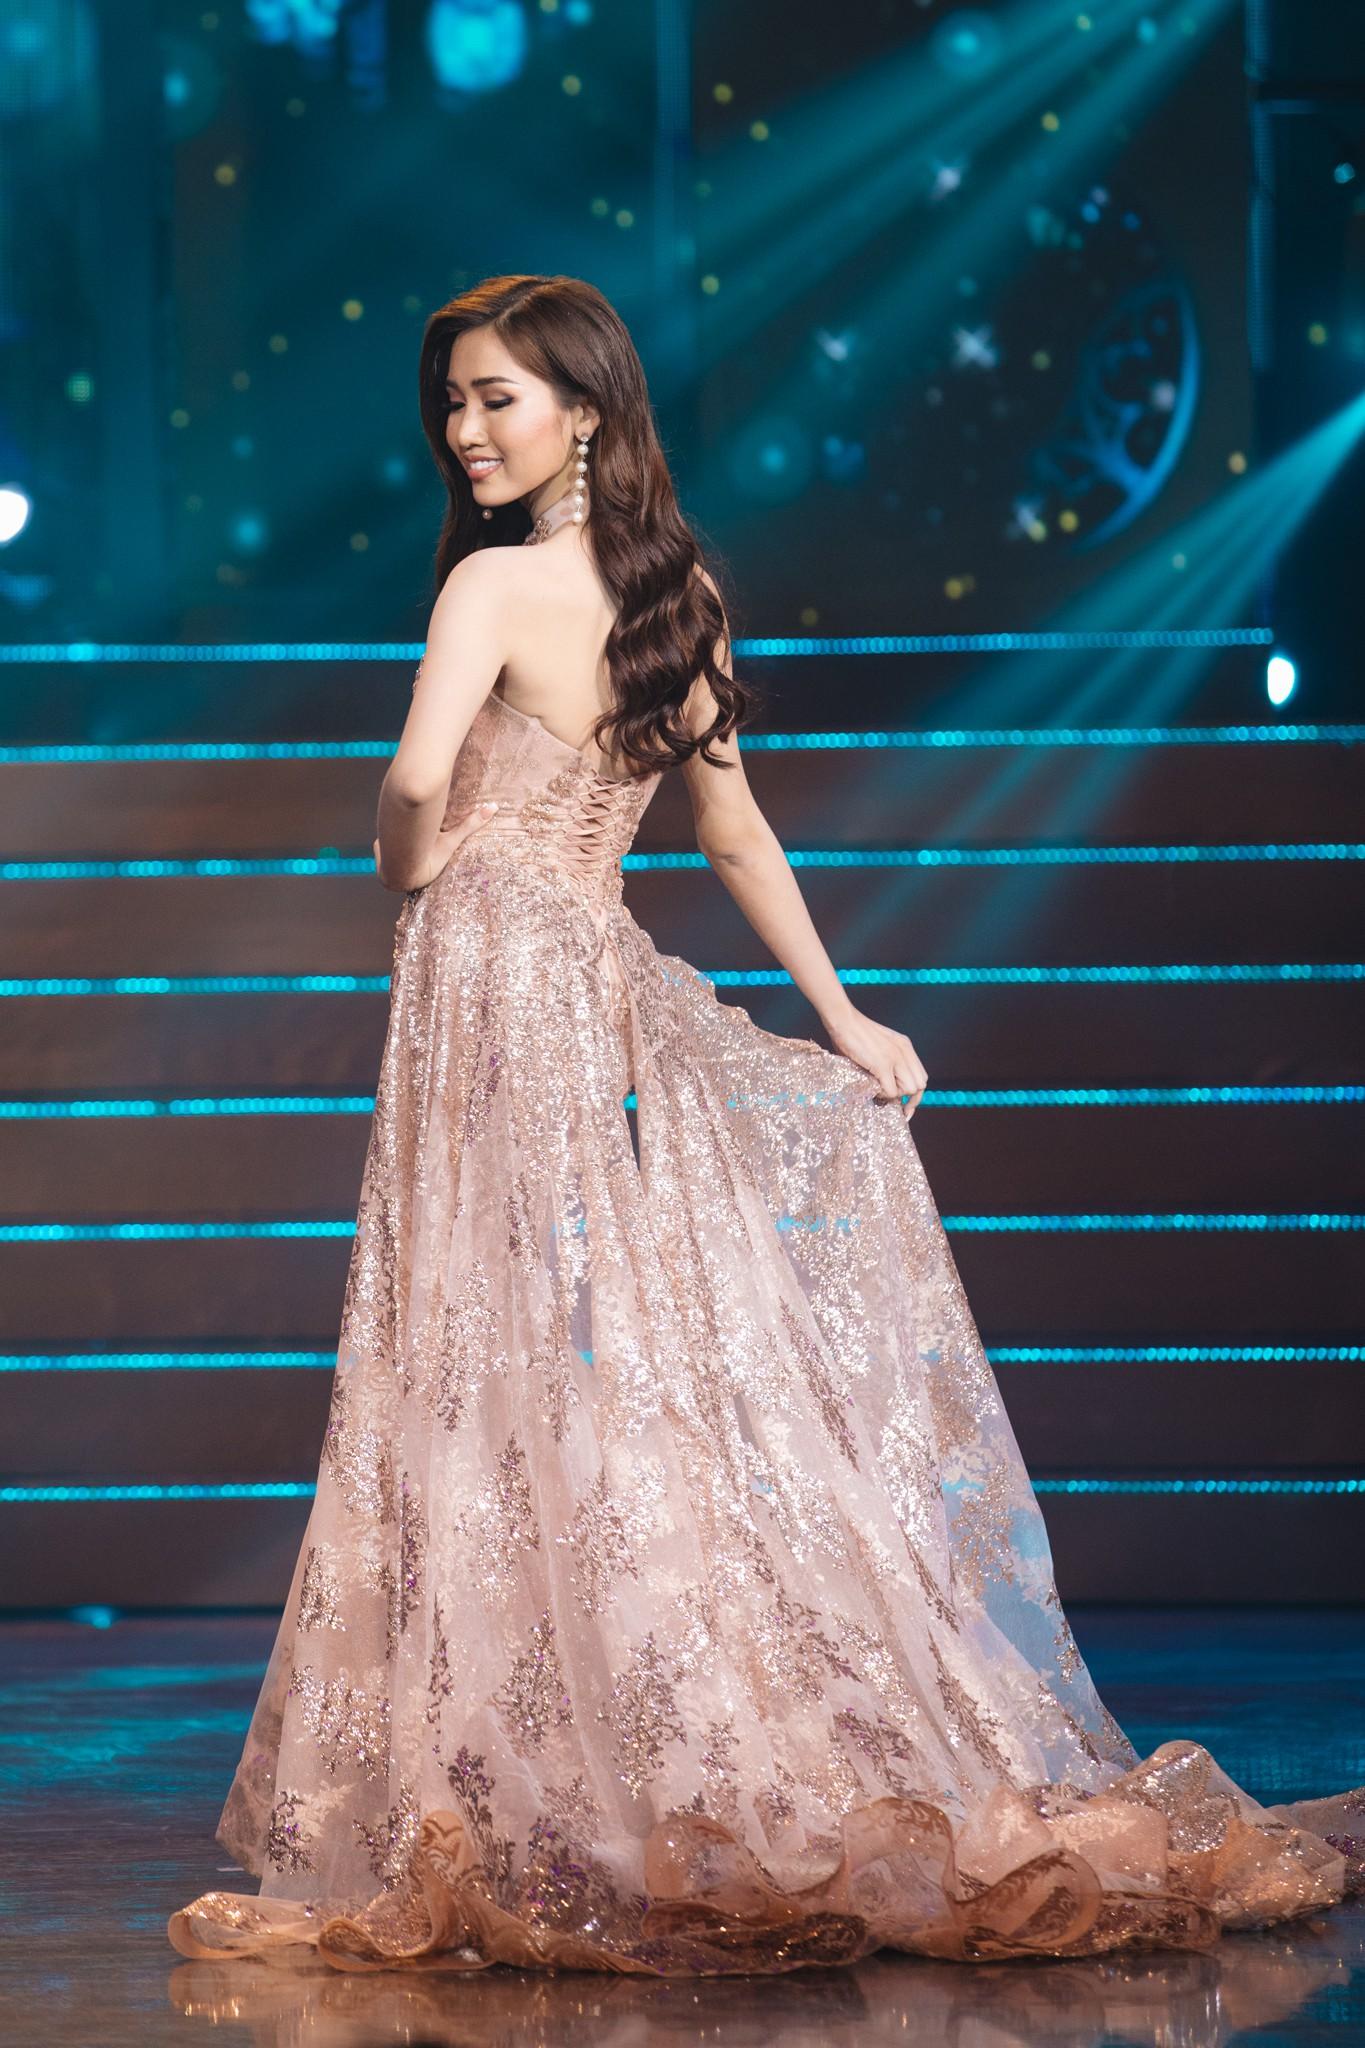 Đại diện Việt Nam - Đỗ Nhật Hà dừng chân tại Top 6 trong đêm Chung kết Hoa hậu Chuyển giới Quốc tế 2019 - Ảnh 4.